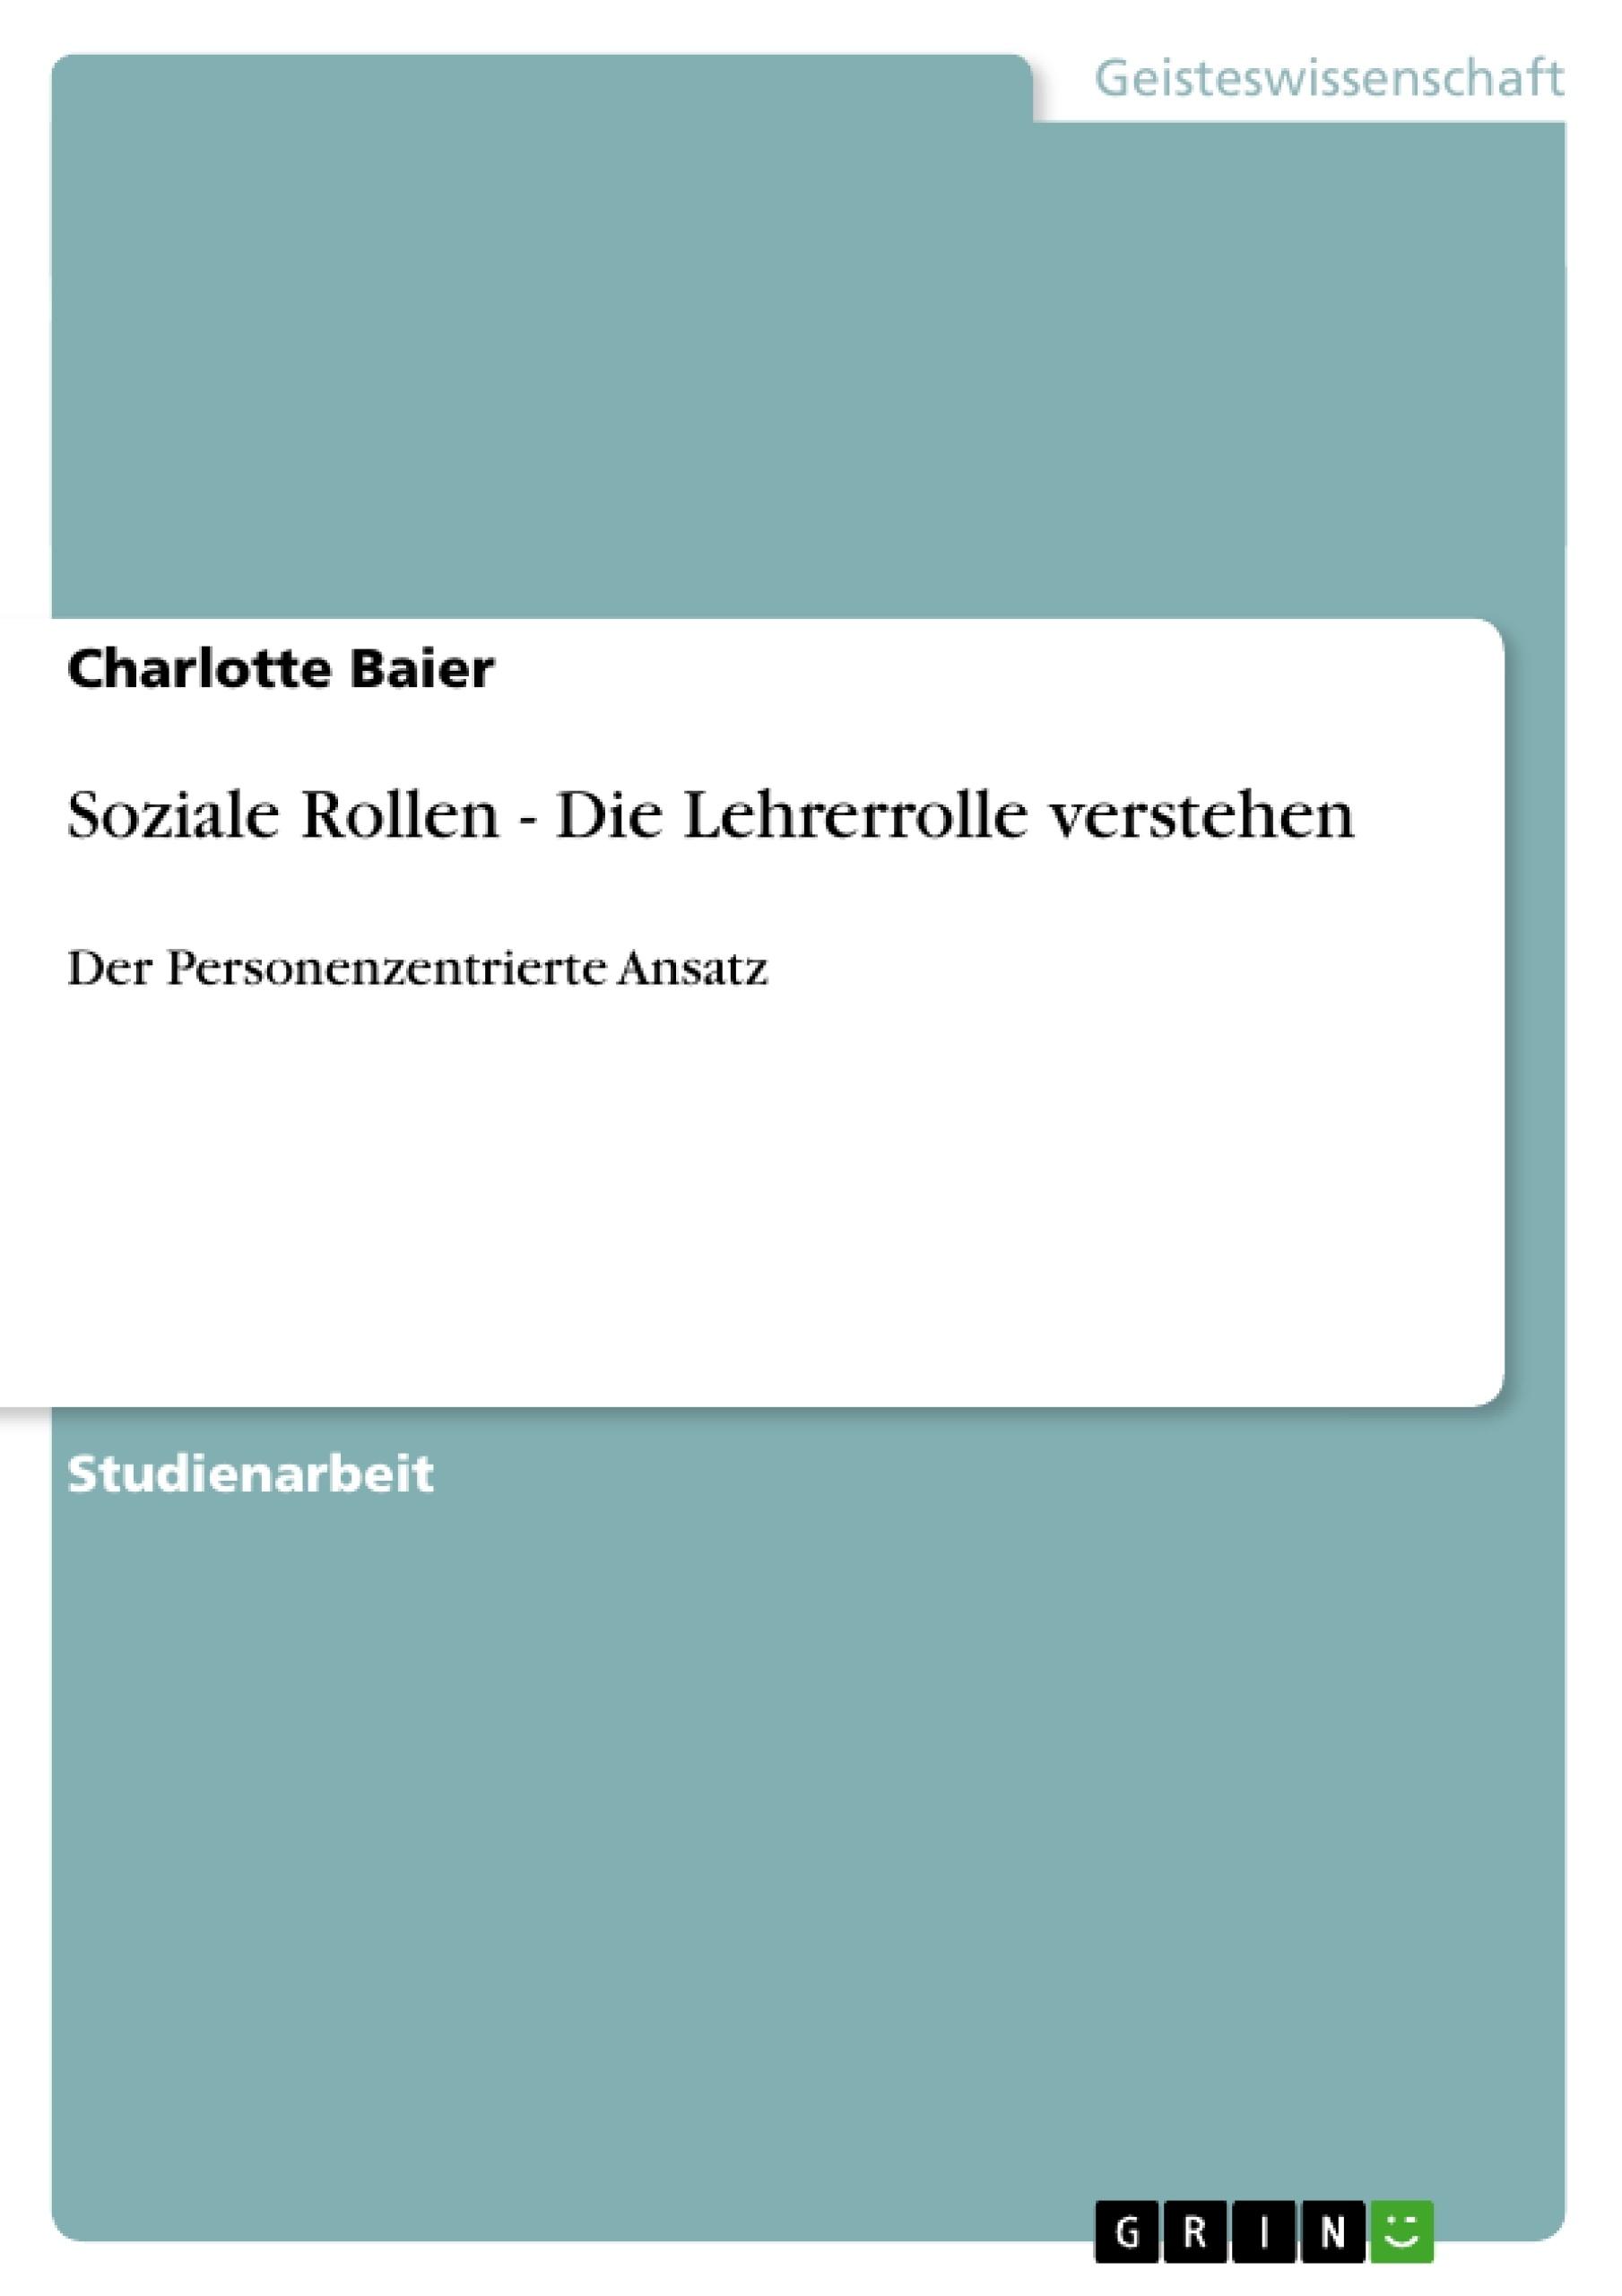 Titel: Soziale Rollen - Die Lehrerrolle verstehen